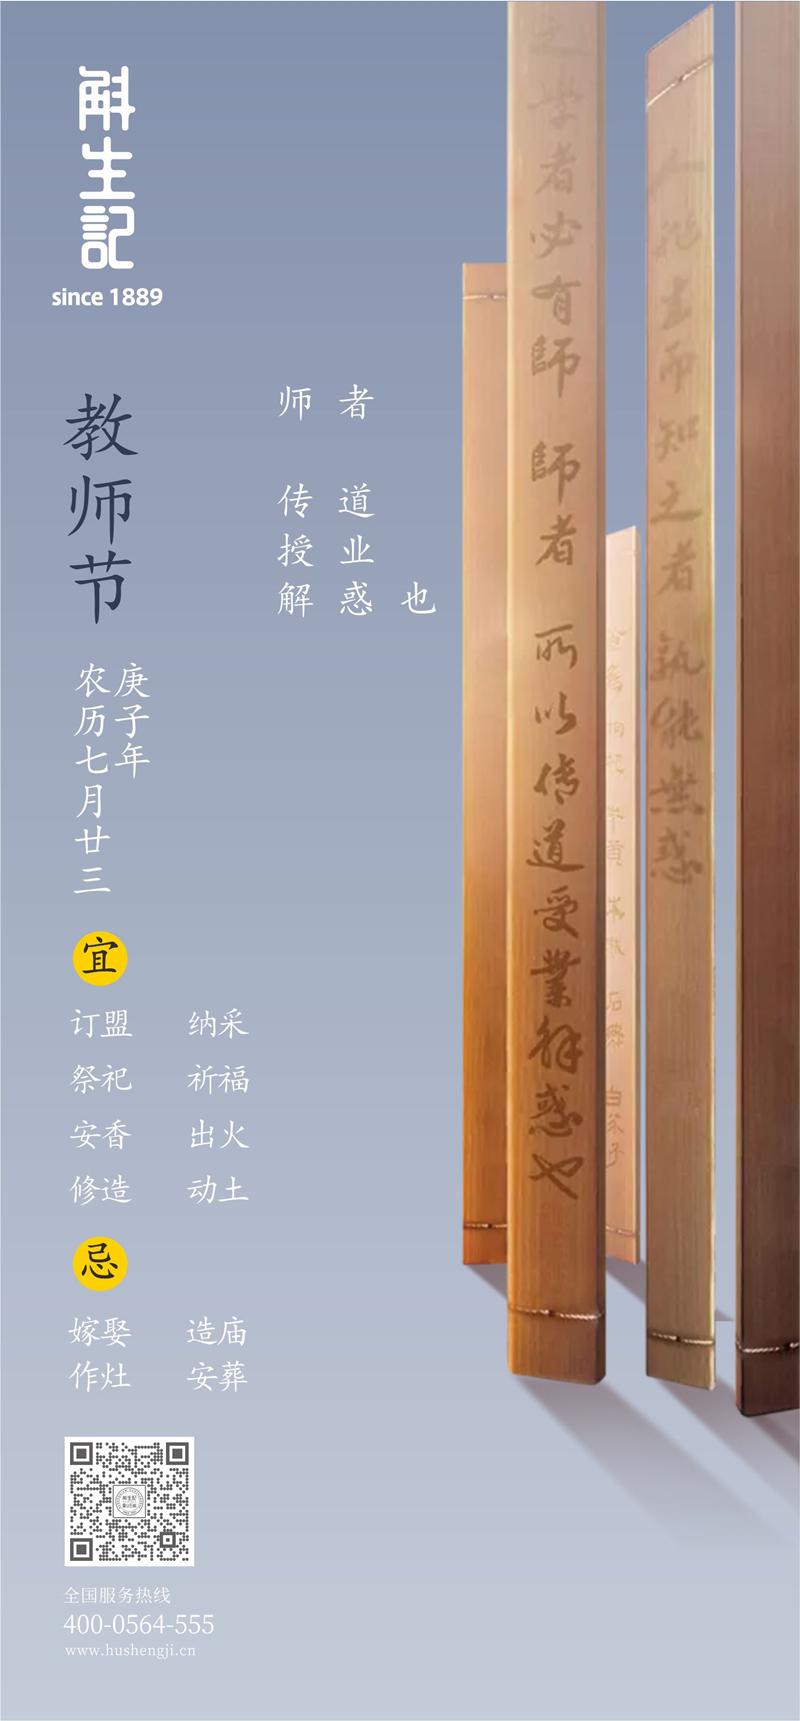 斛生记+霍山石斛+教师节